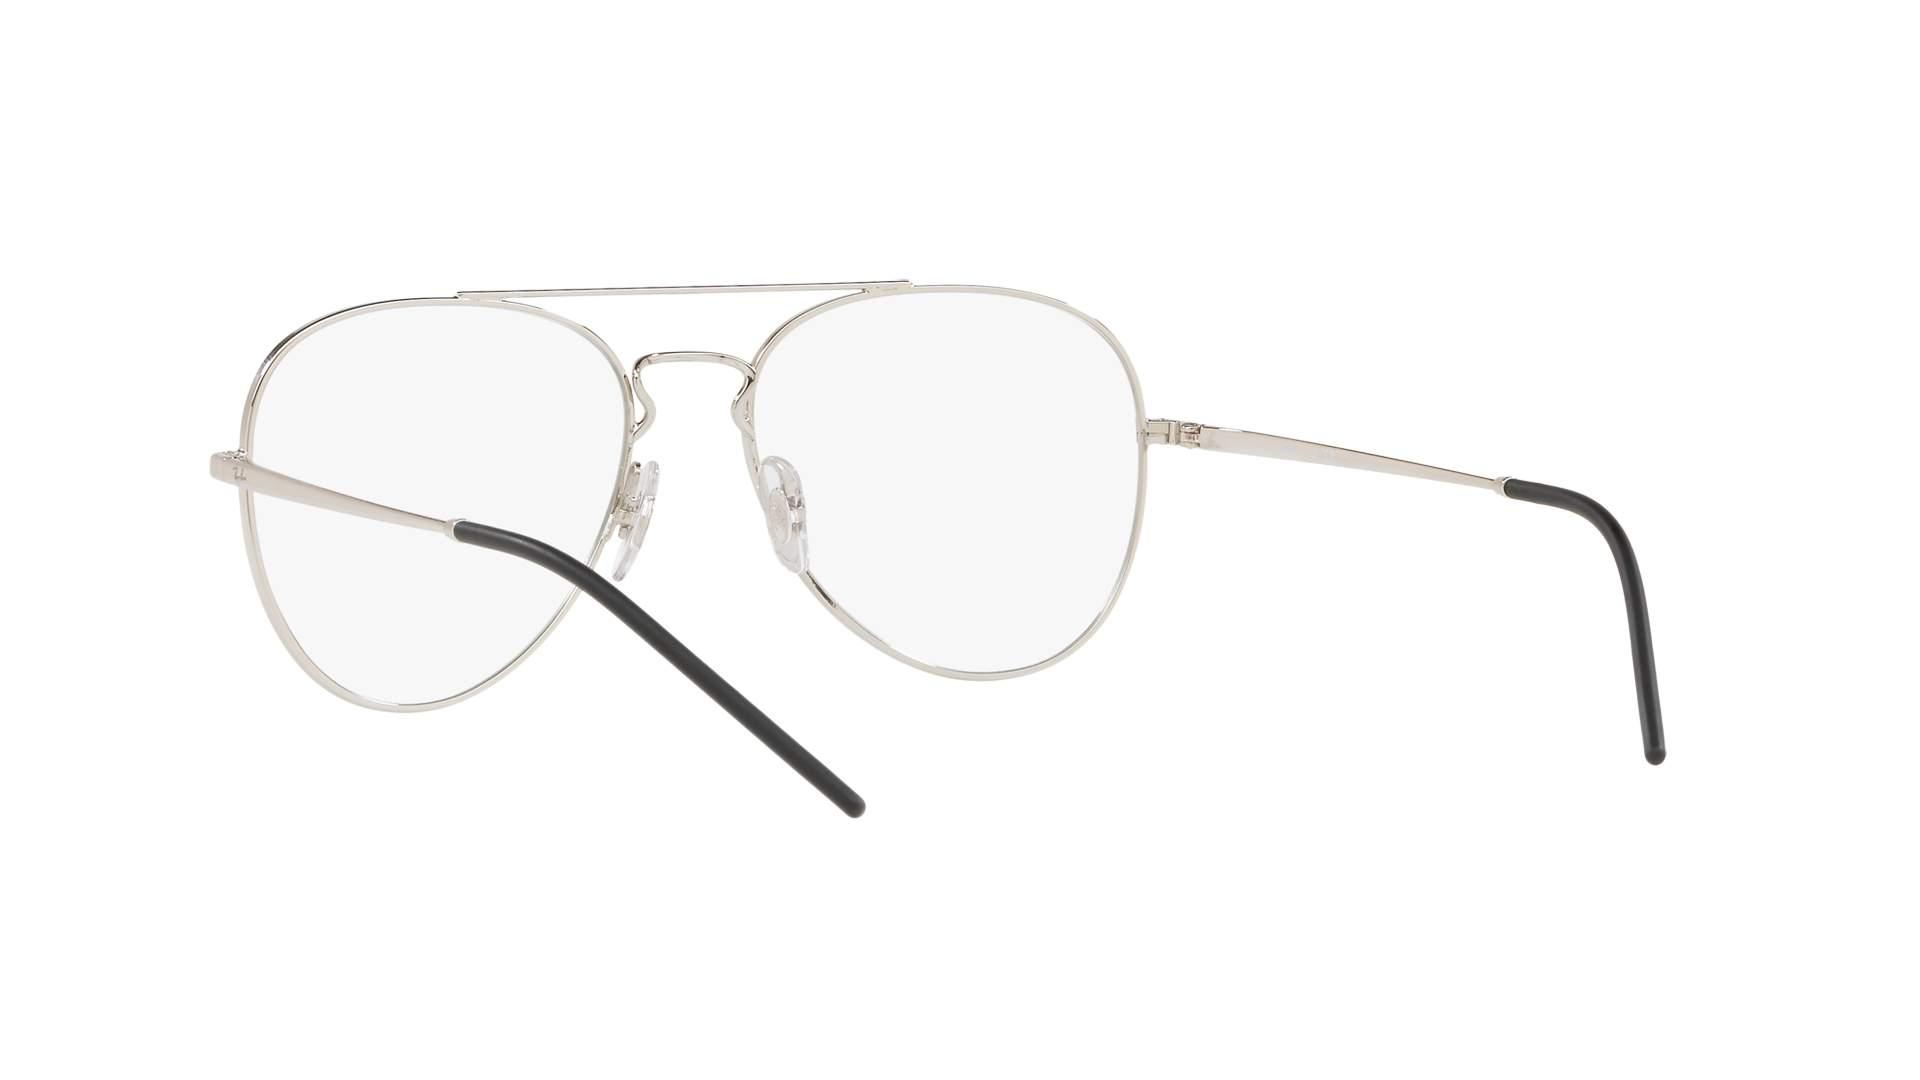 00e8eae5913 Eyeglasses Ray-Ban RX6413 RB6413 2501 54-17 Silver Medium